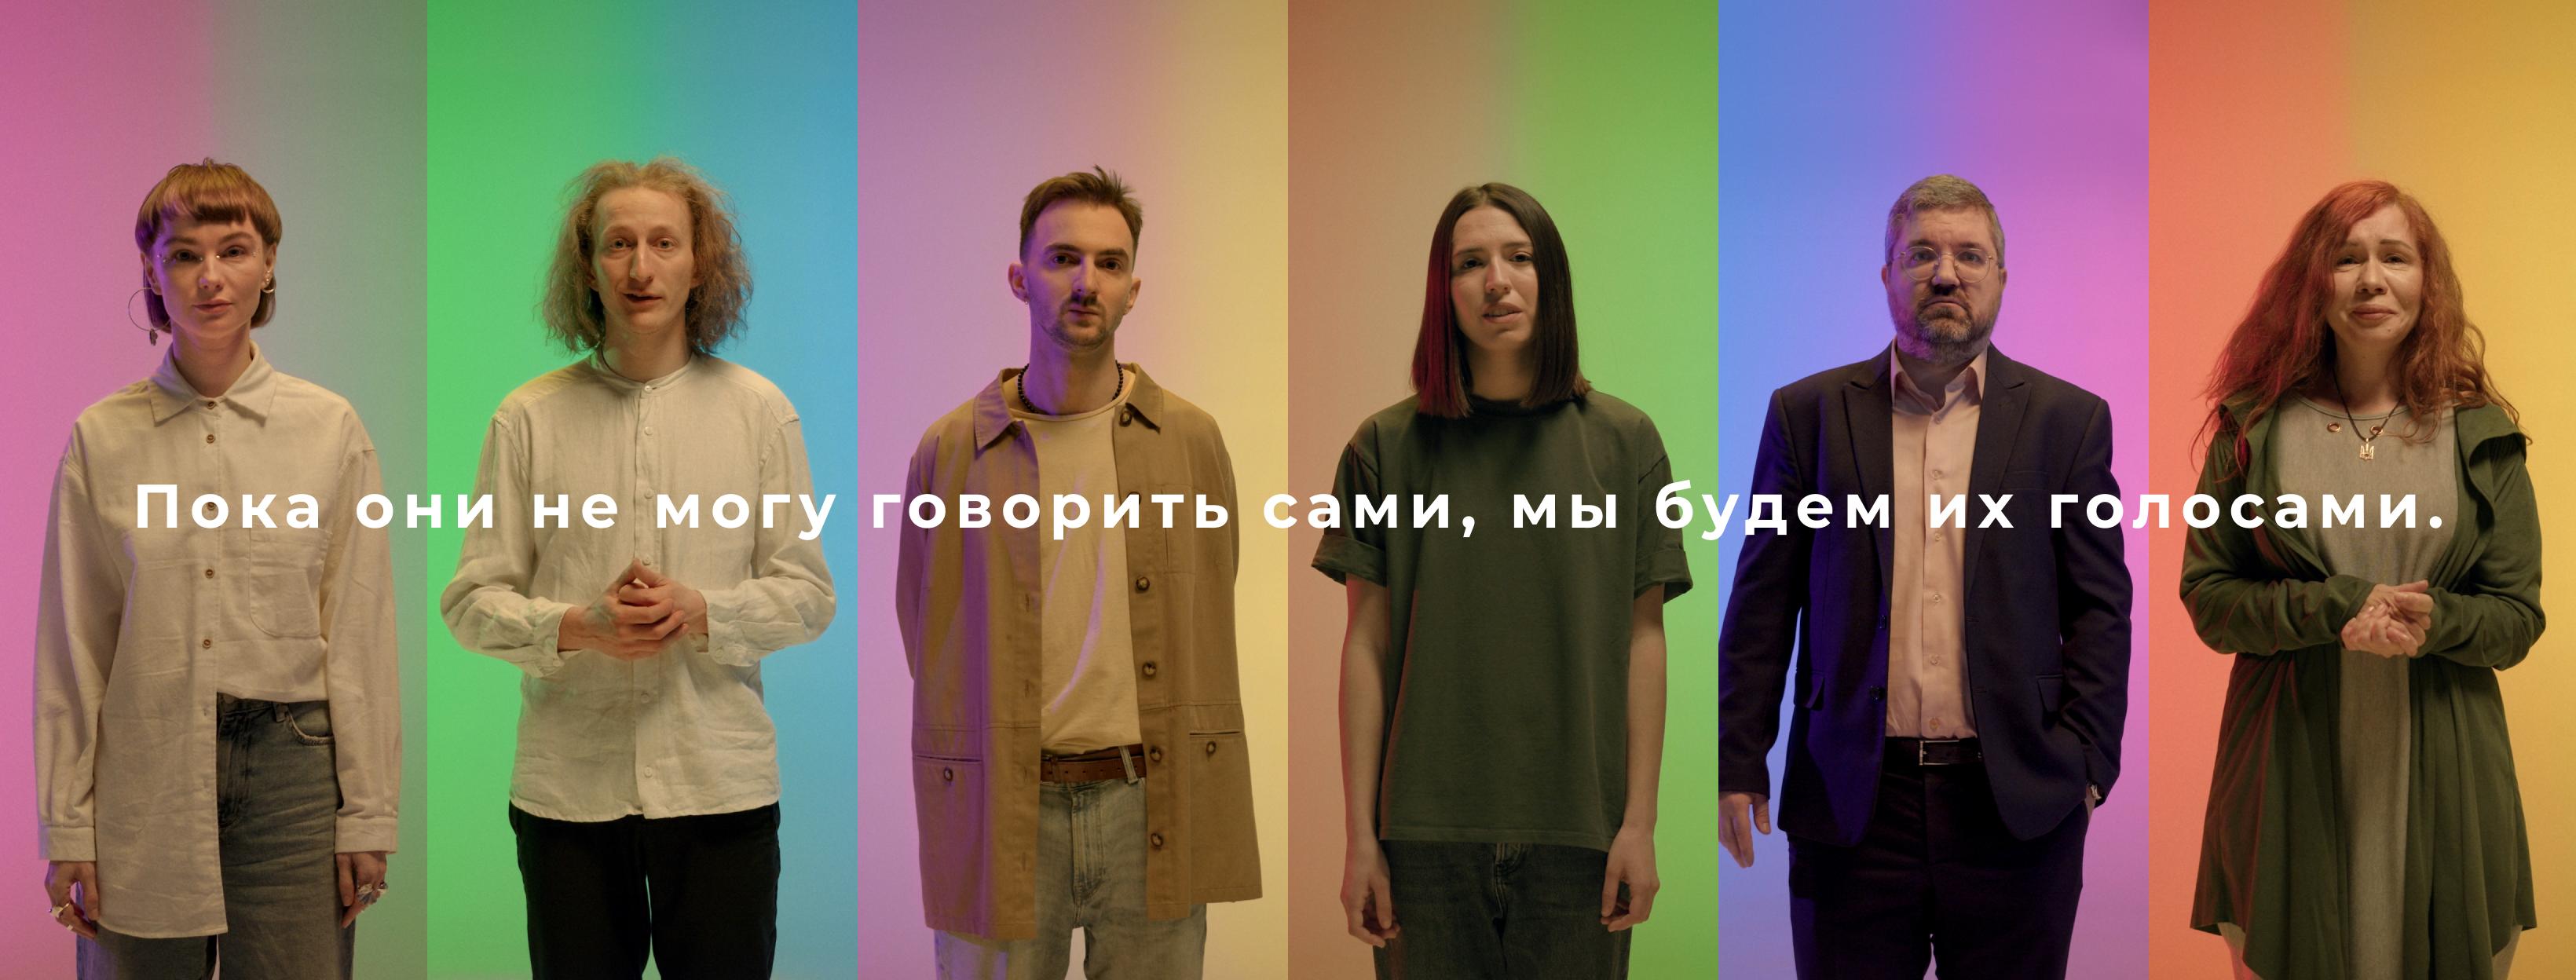 cover lgbt ru